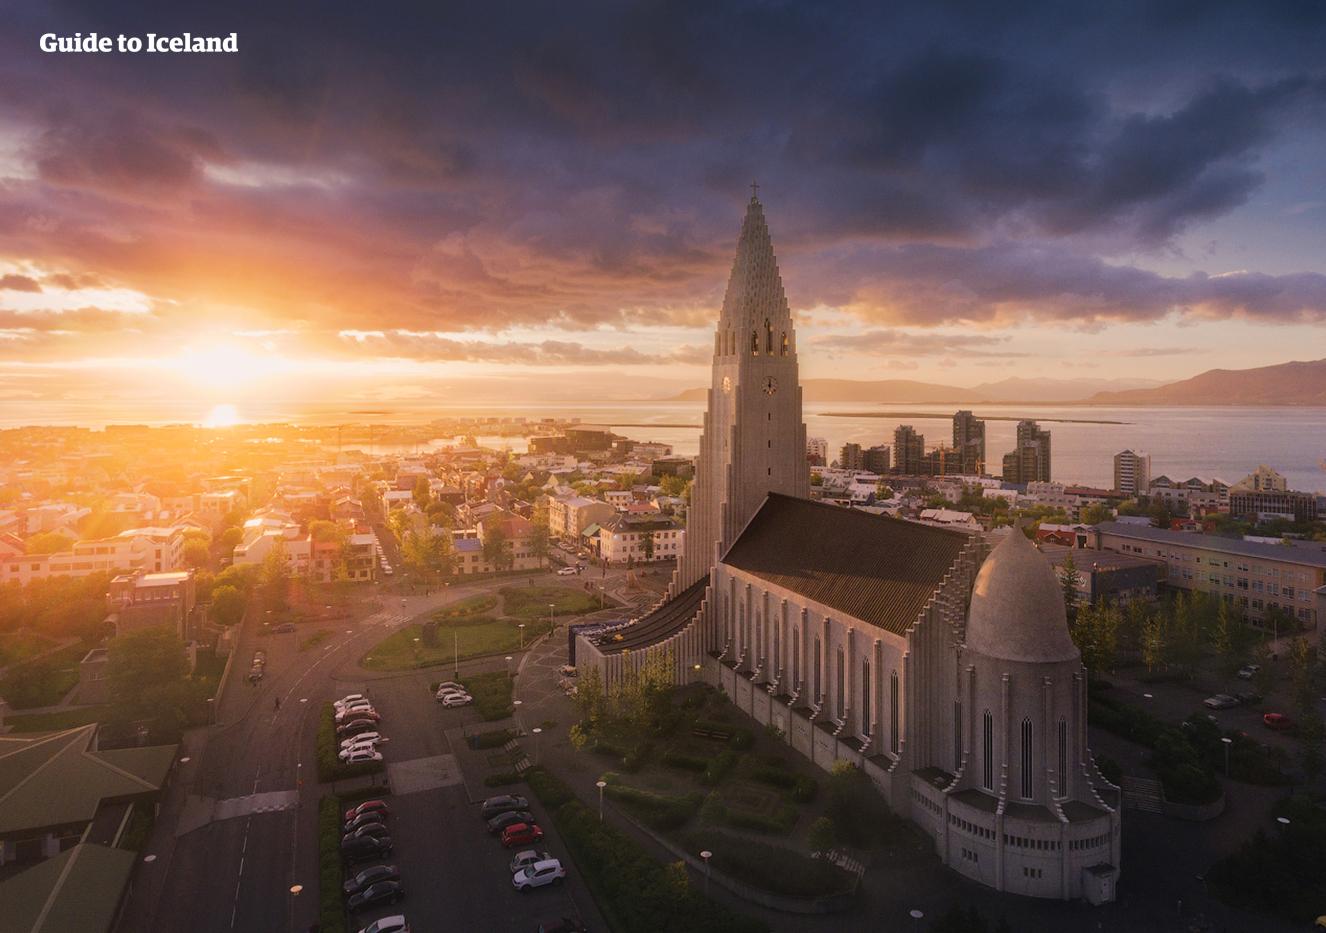 หลังคาดีบุกของหลังคาบ้านเรือนของประเทศไอซ์แลนด์ที่มีสีสันที่แตกต่างกัน ทำให้เกิดทิวทัศน์ที่งดงาม เมื่อคุณอยู่ในจุดที่สูงเพียงพอในช่วงฤดูร้อน.